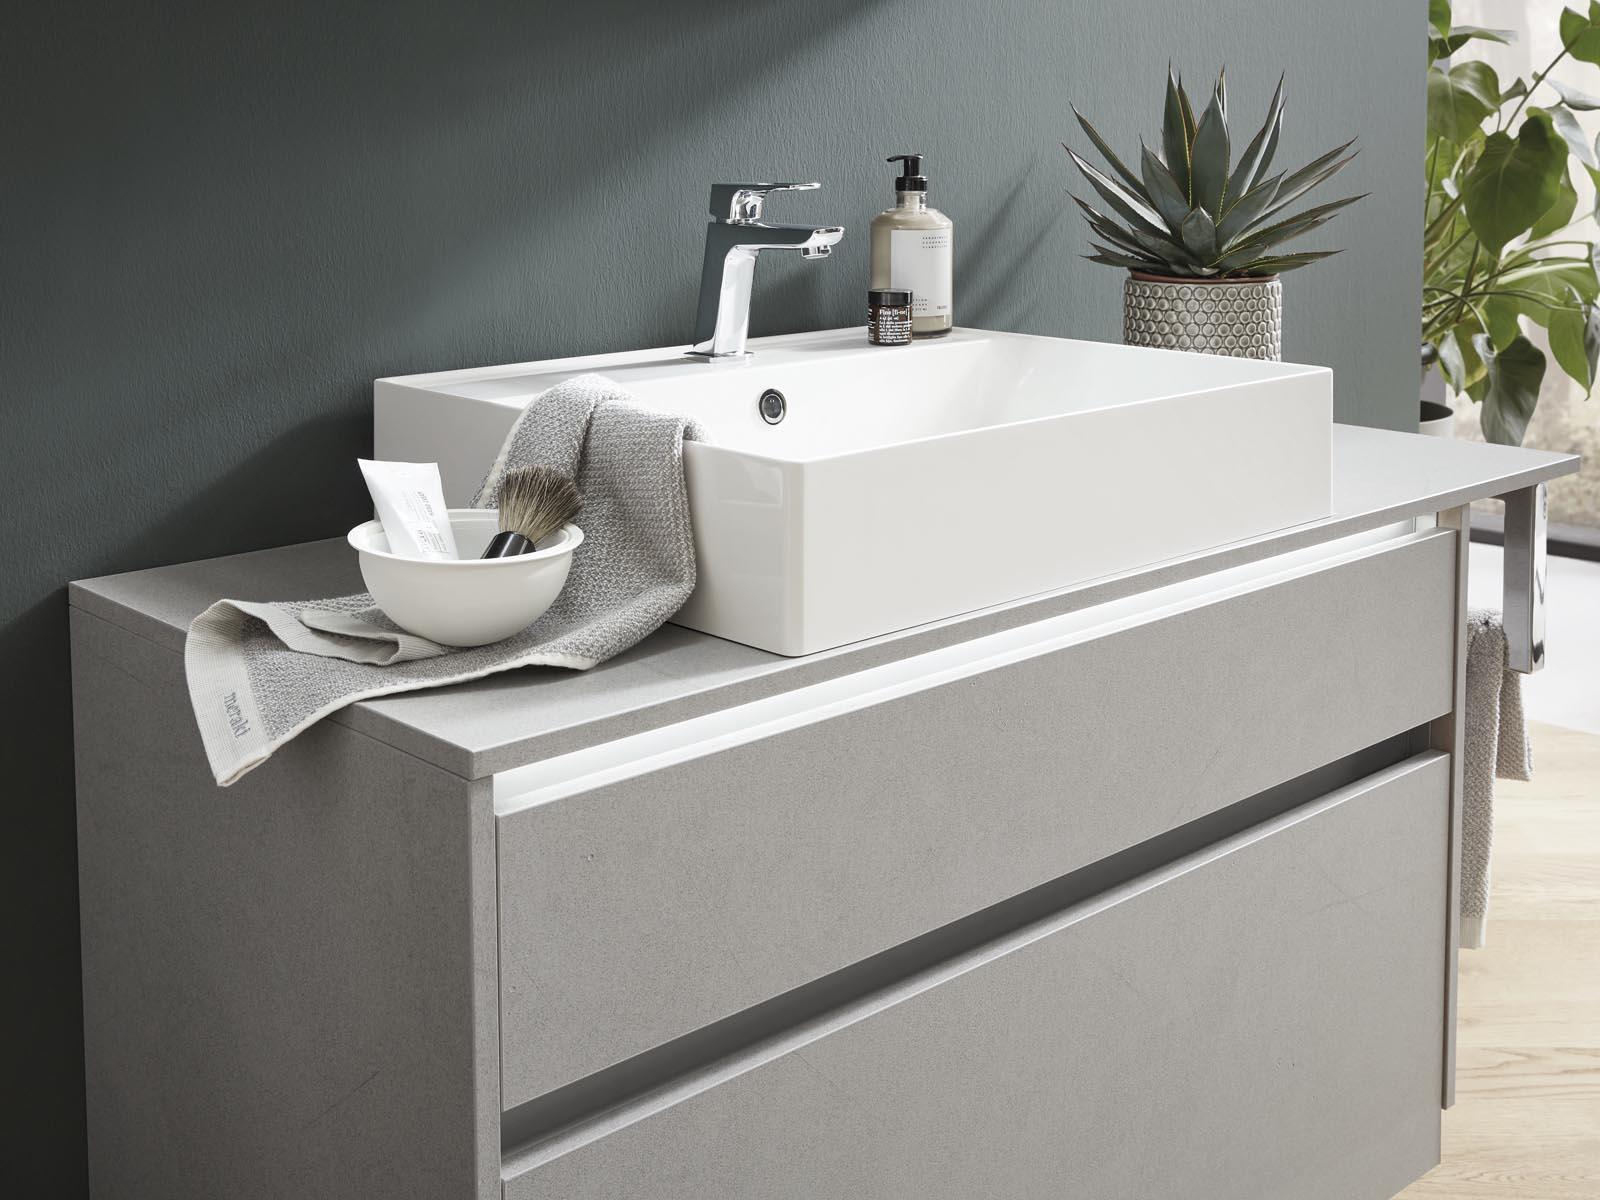 Küchentime Cemento 803 - Bathroom